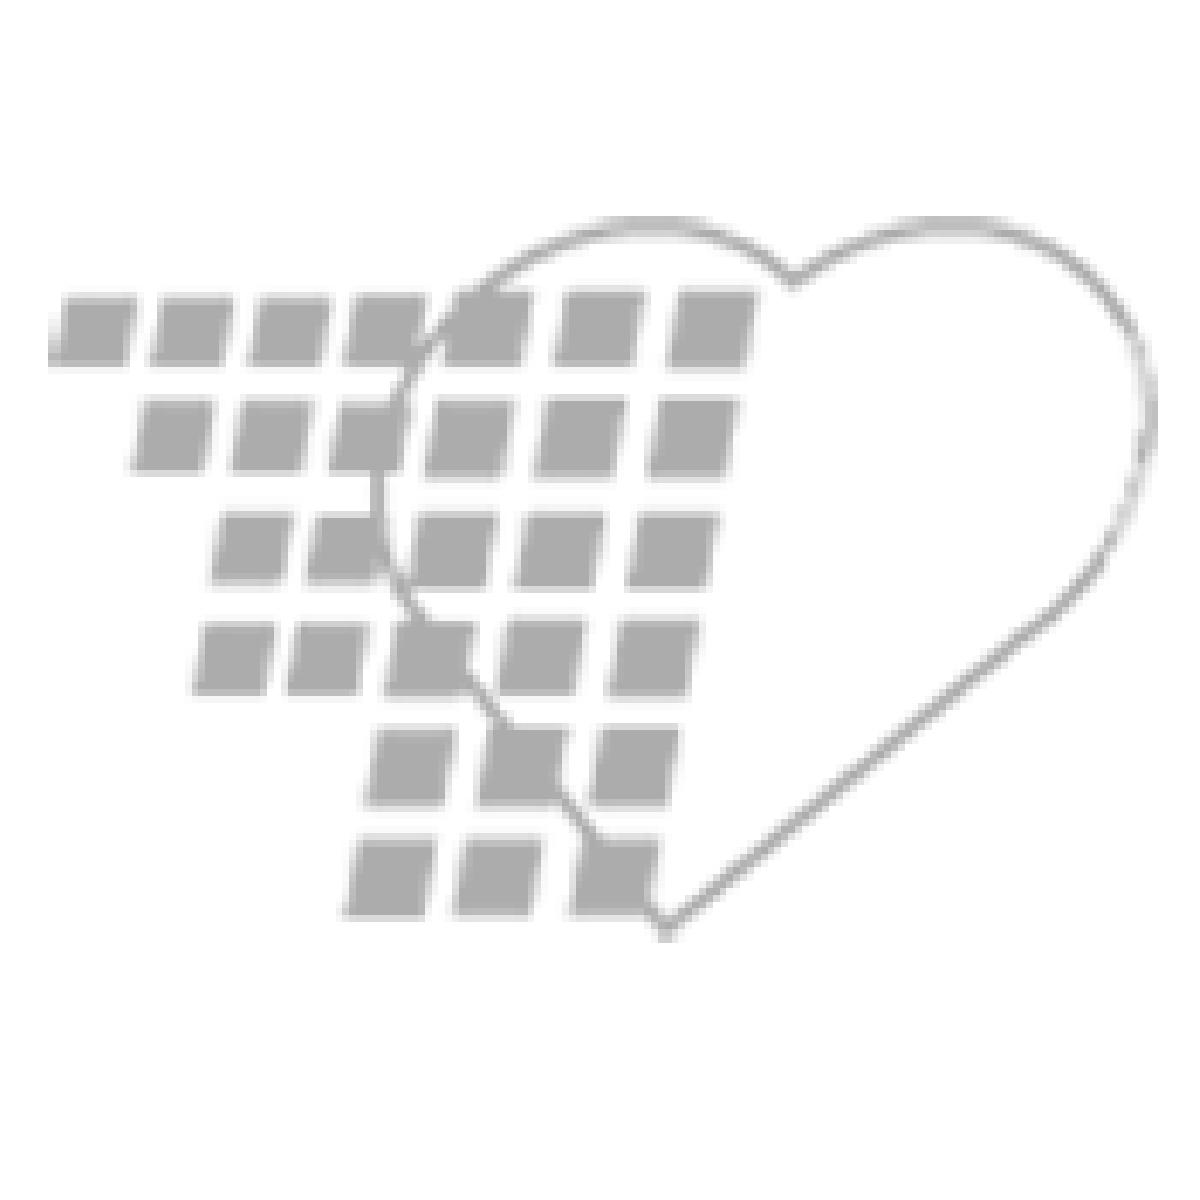 02-80-2193 - Ultrascope® Teaching Stethoscopes - Flower Power